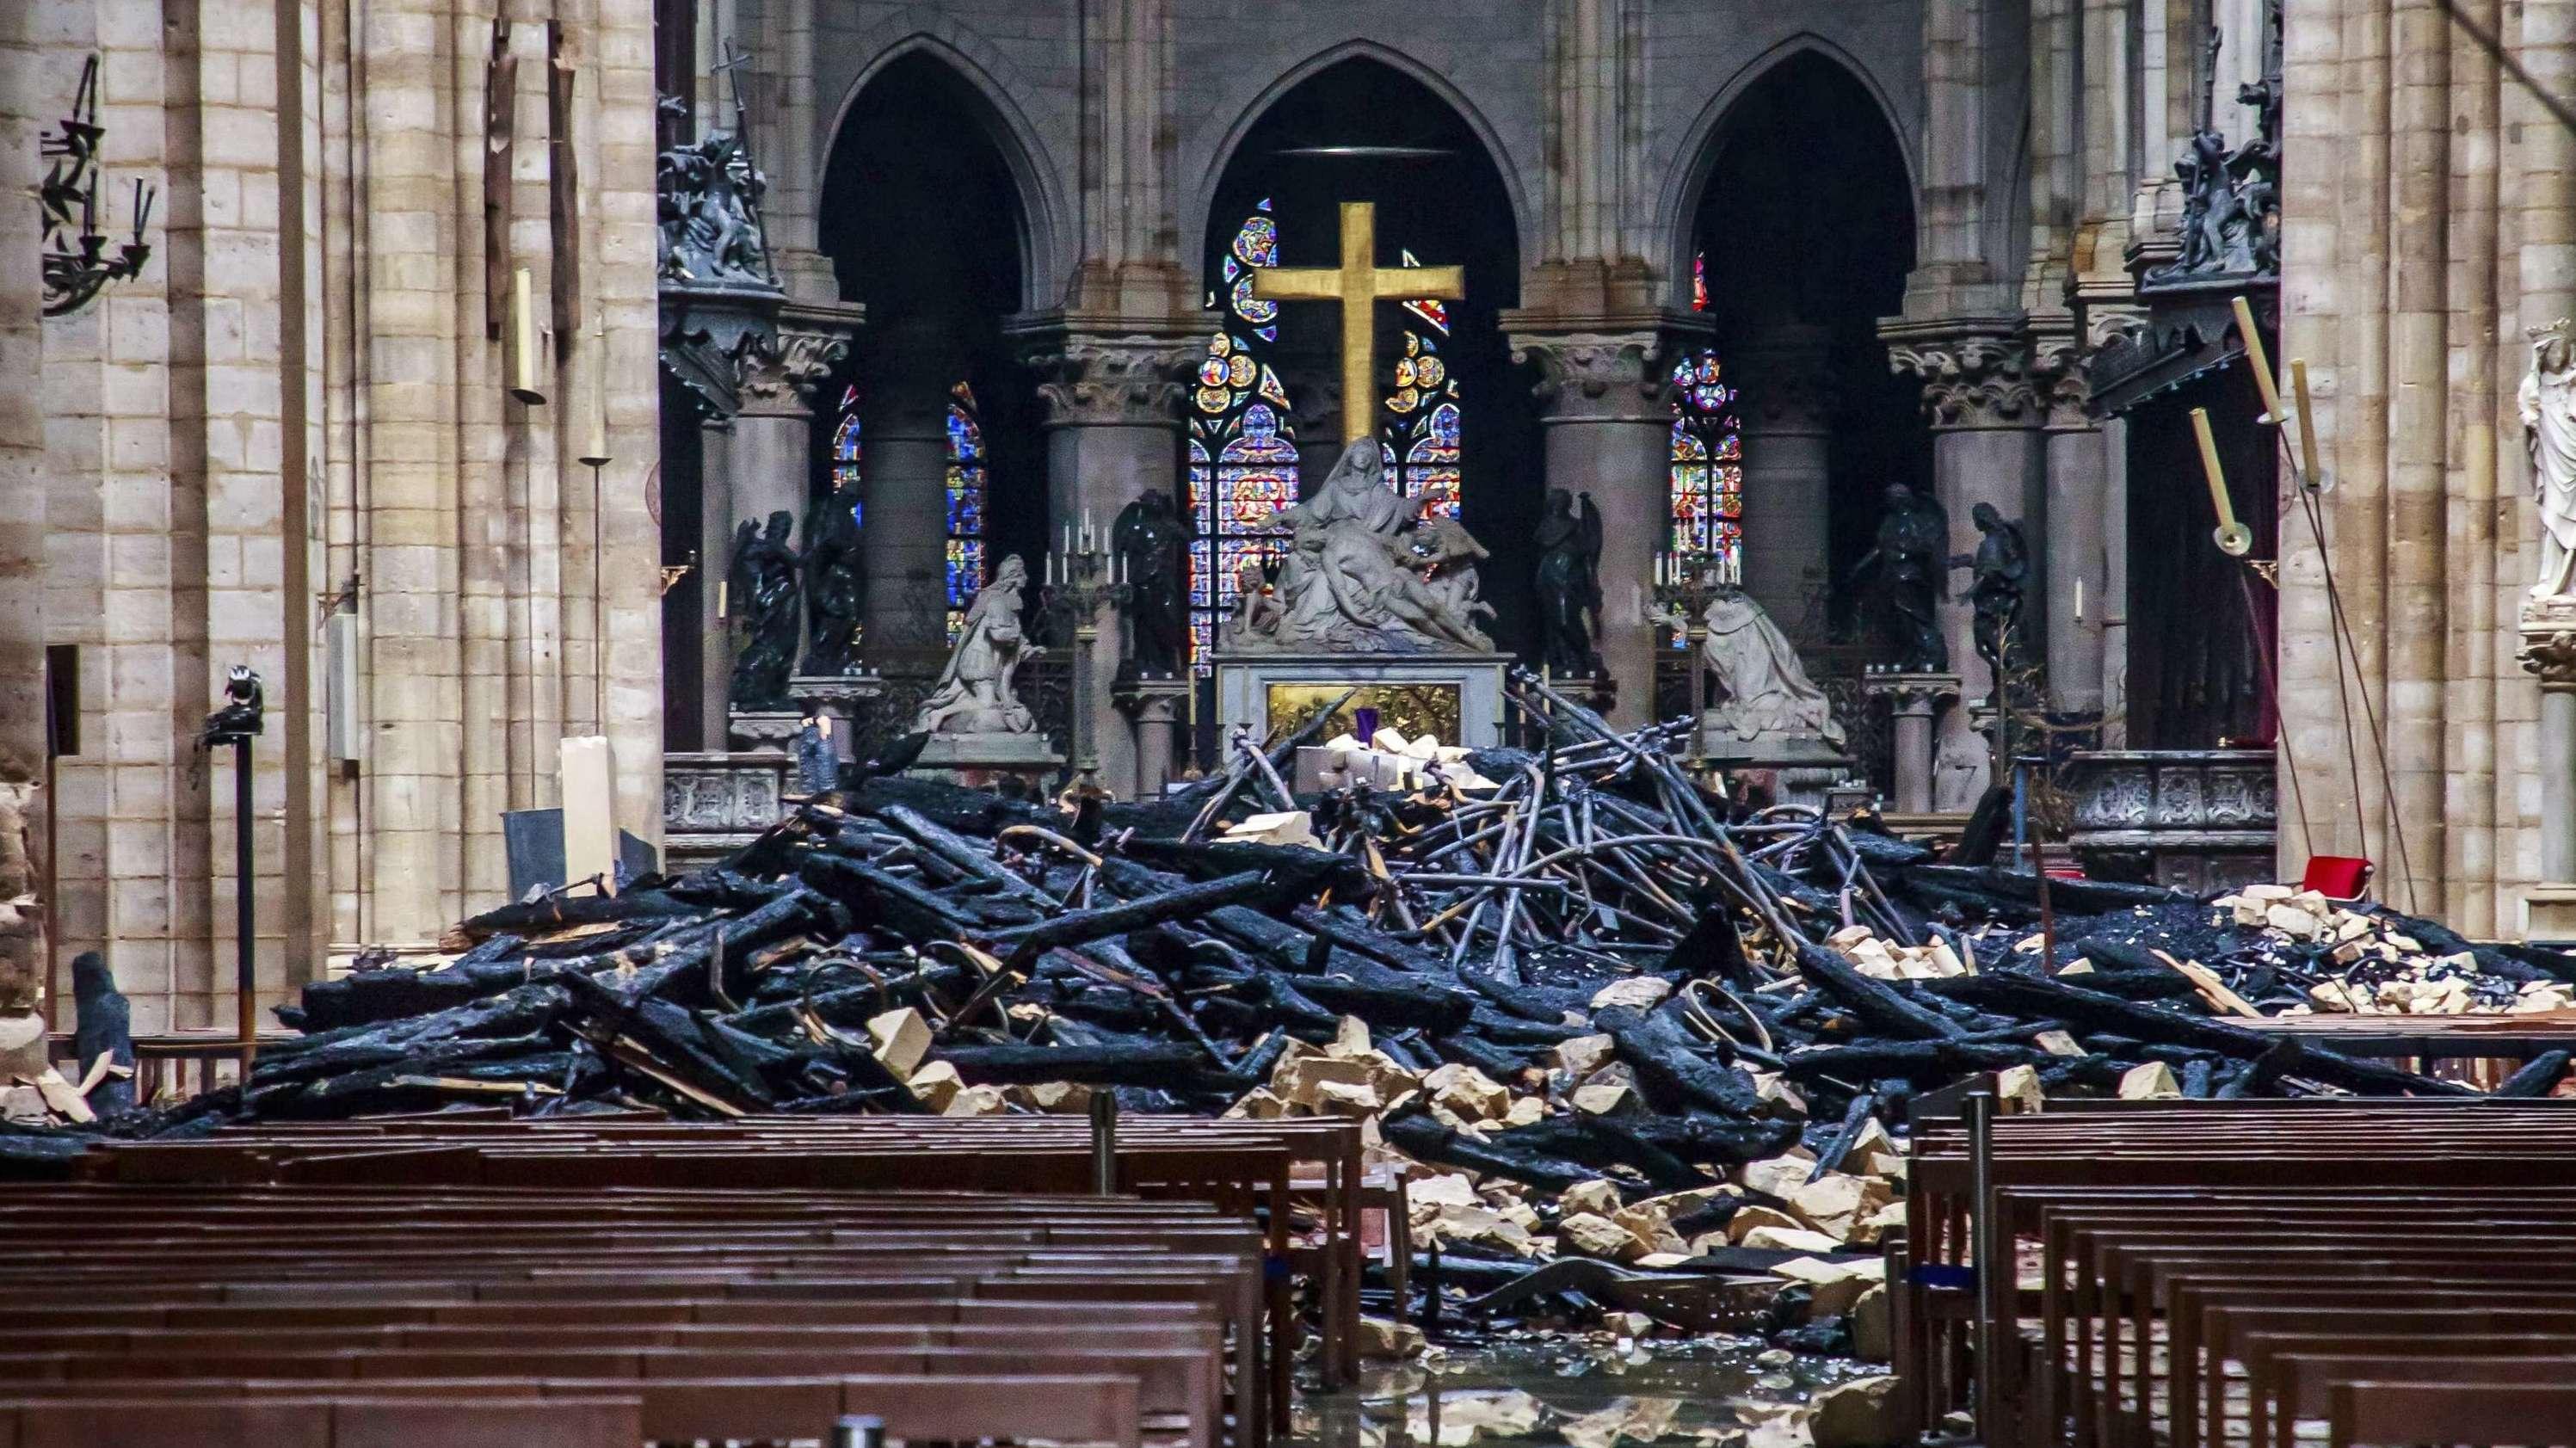 Trümmerteile und verkohlte Holzbalken liegen im Inneren der Kathedrale Notre-Dame in Paris